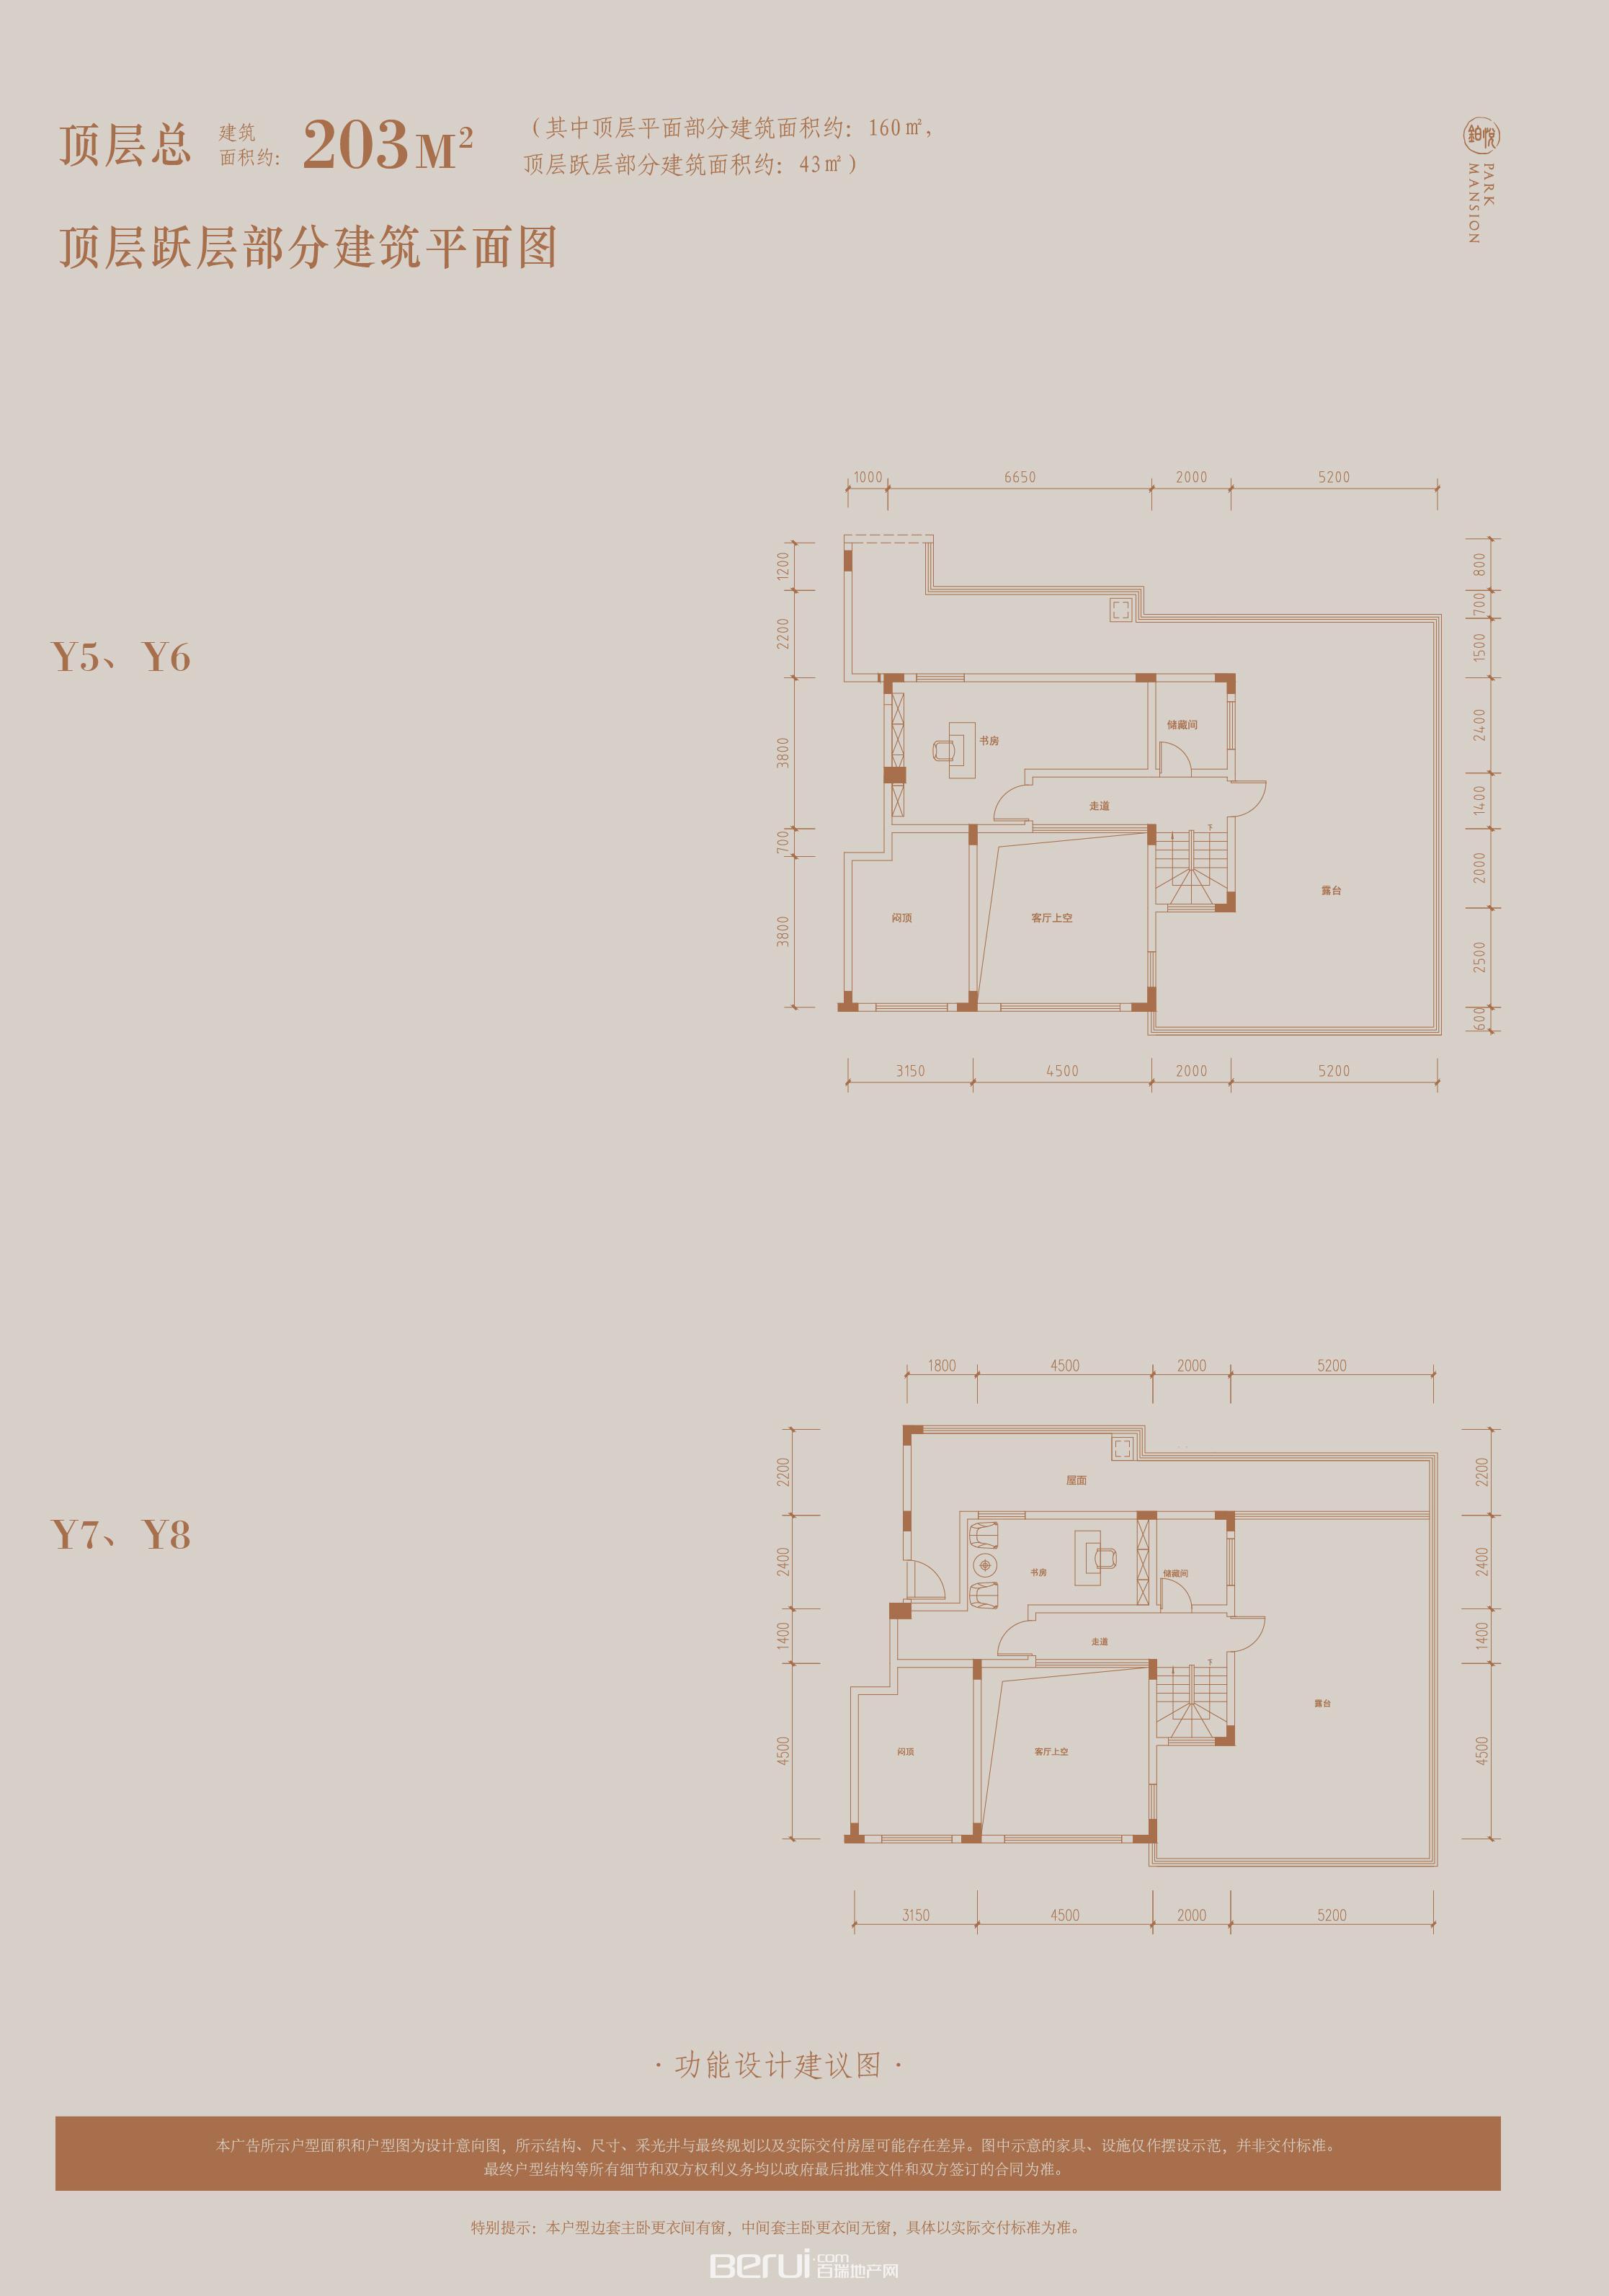 铂悦庐州府Y5 Y6 Y7 Y8洋房203㎡顶层跃层部分建筑